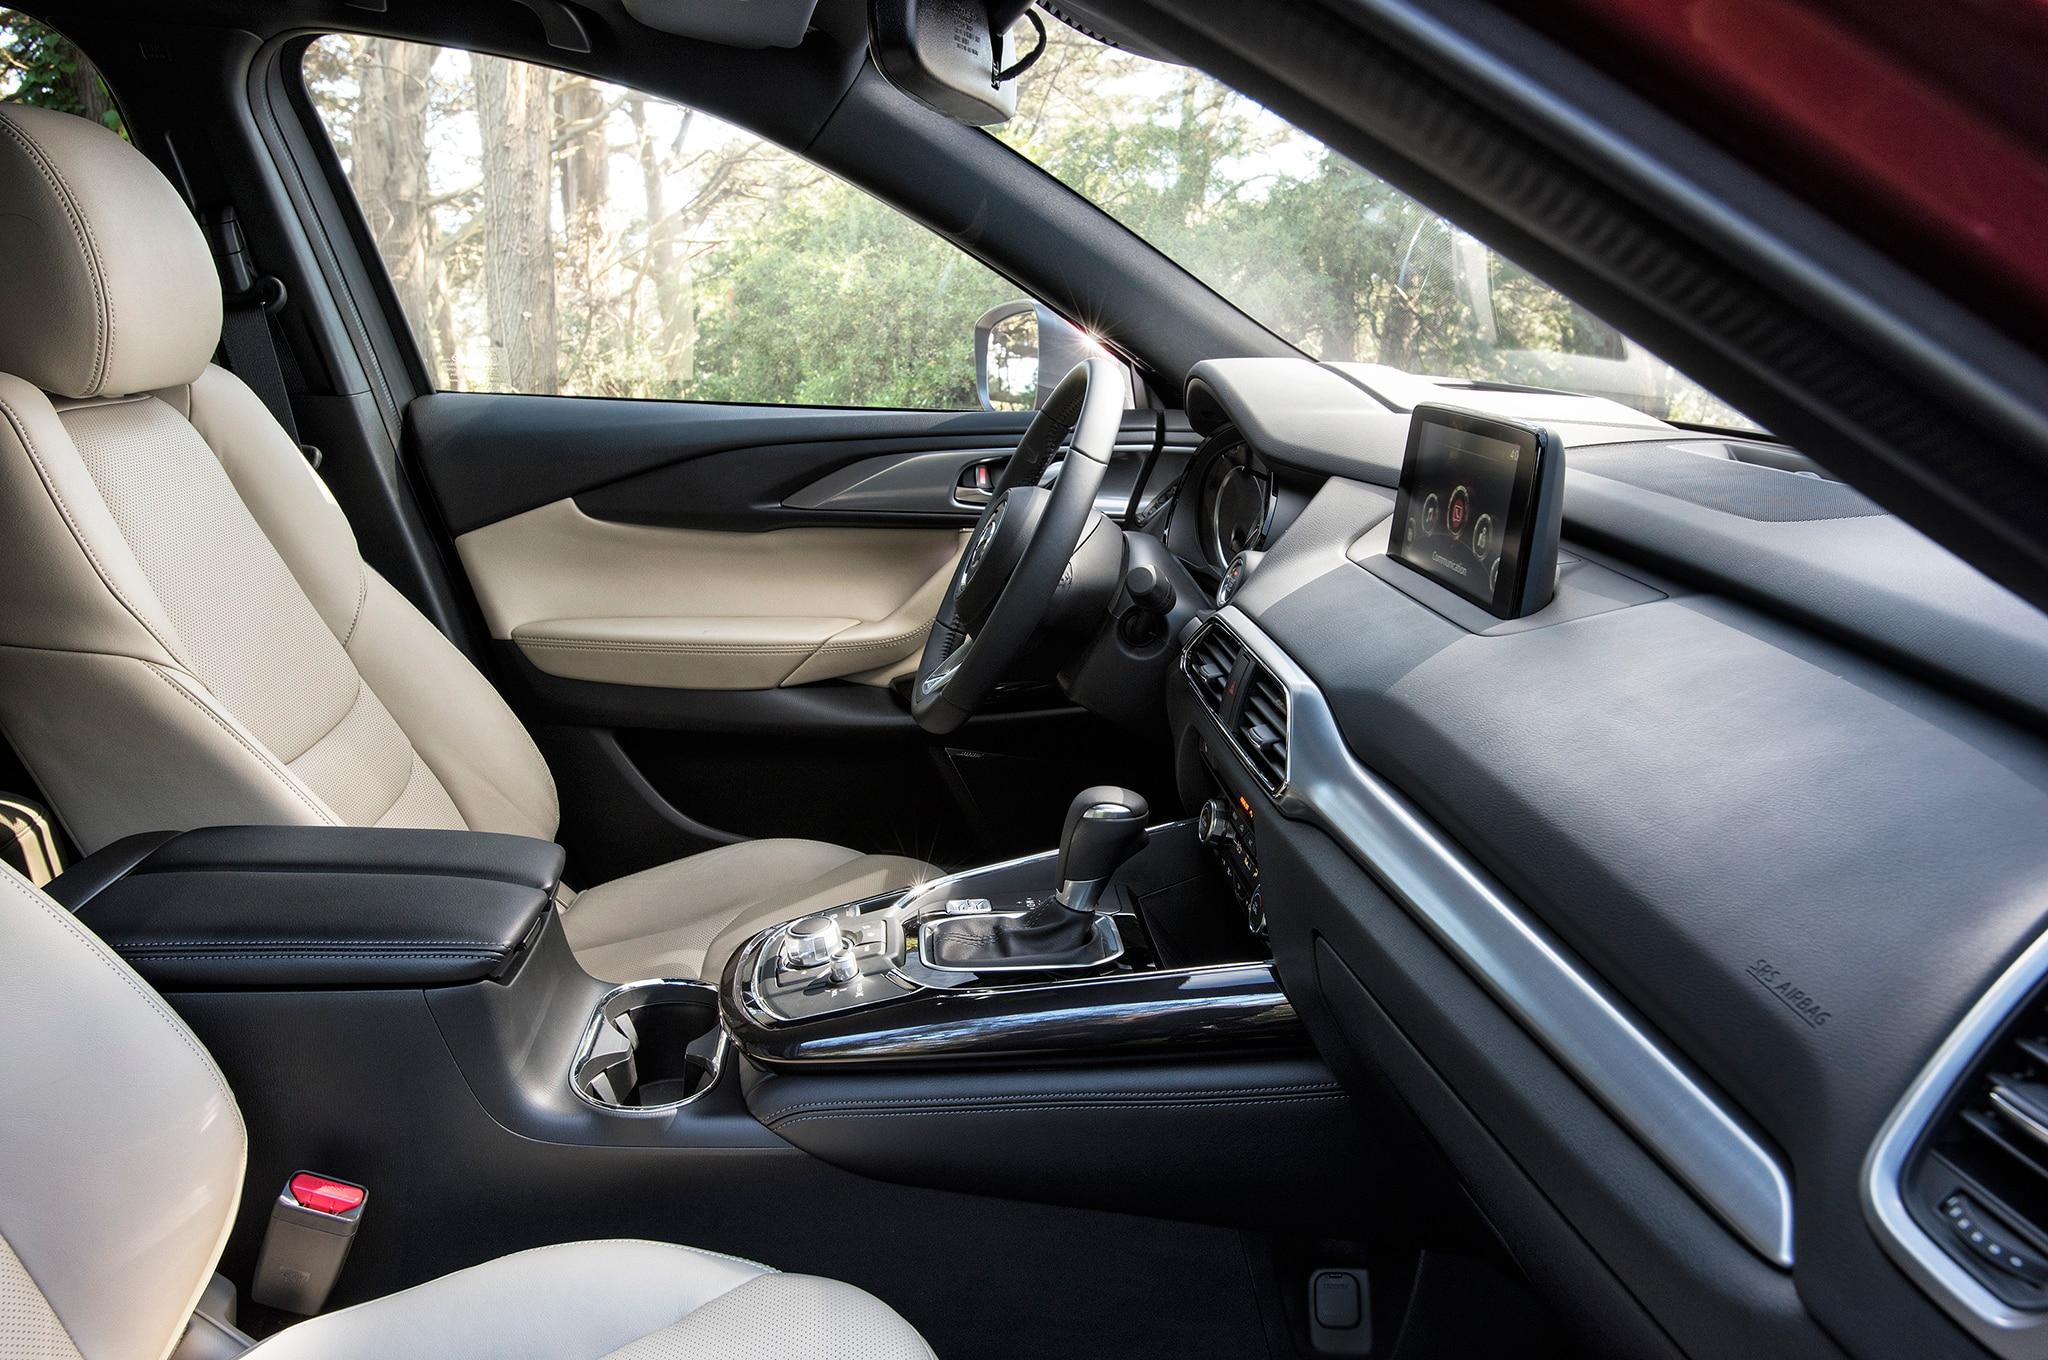 2016 Mazda Cx 9 First Drive